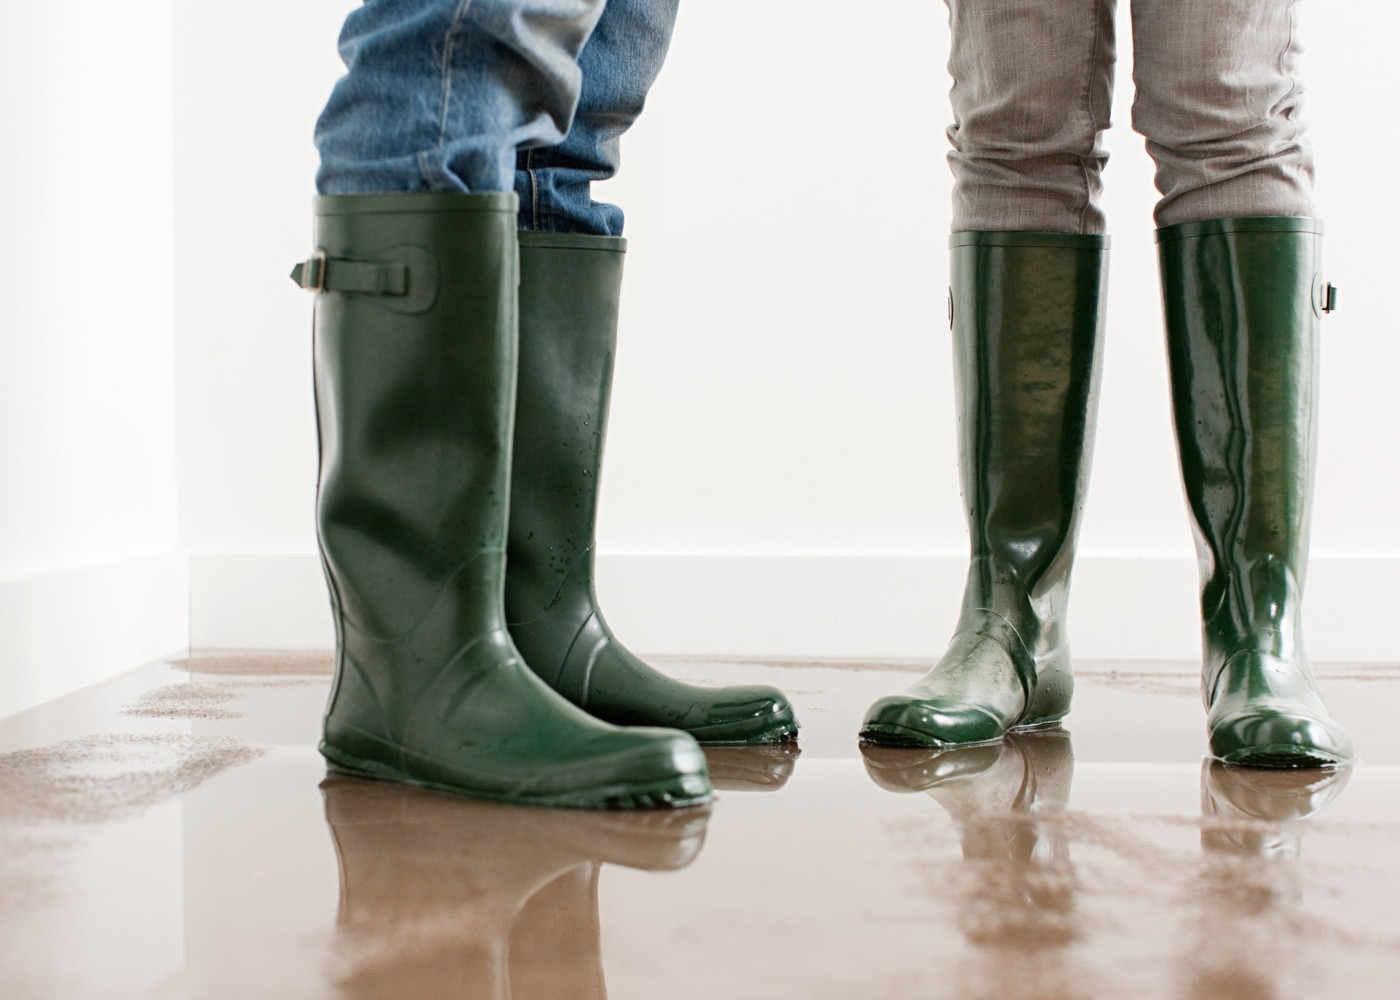 Casal a tratar de inundação em casa